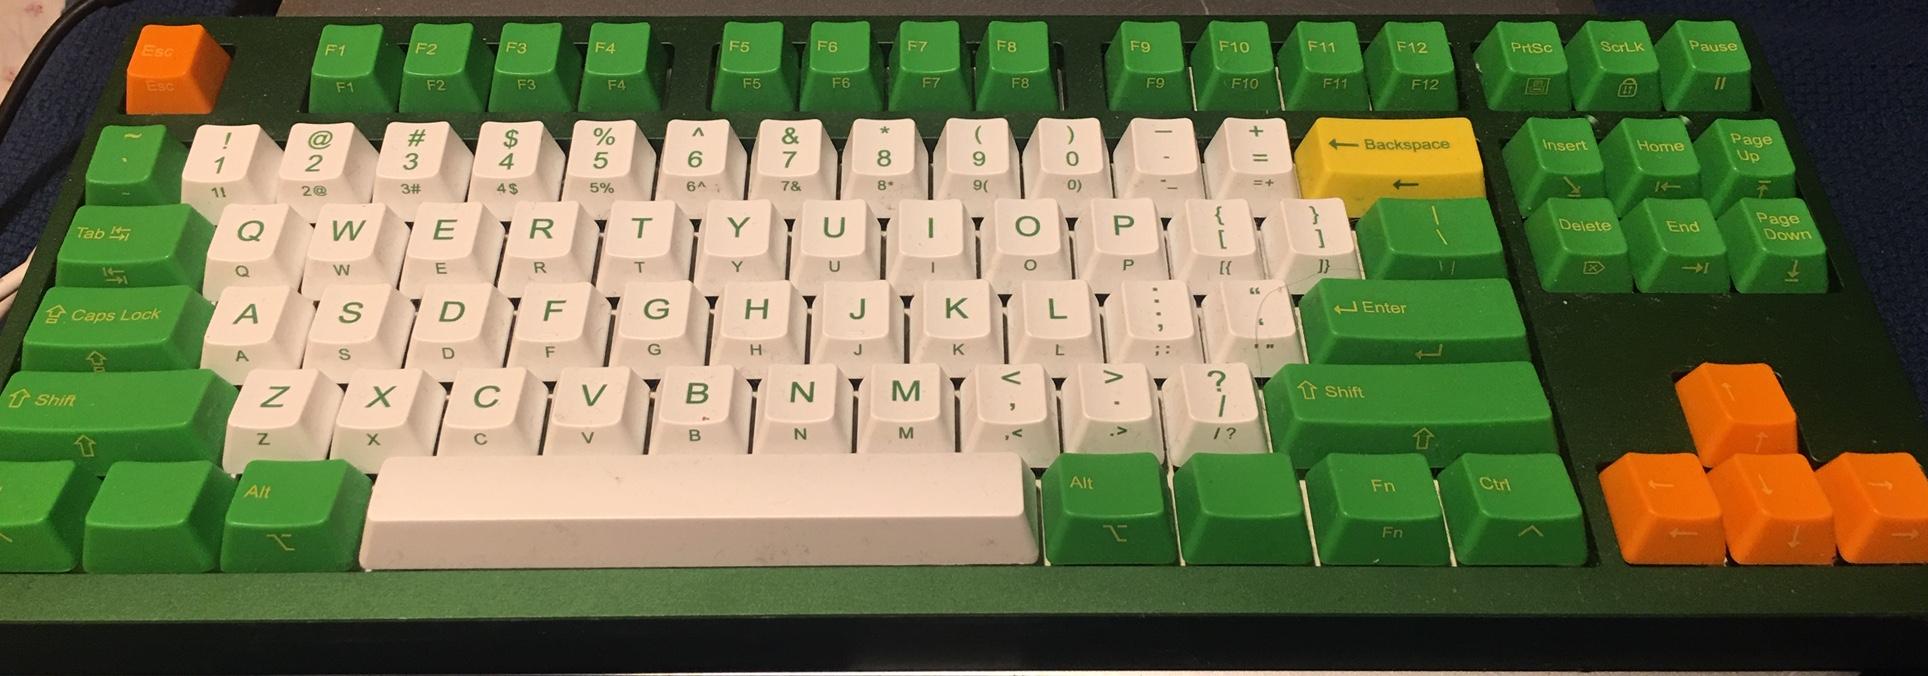 Green Machine.jpg